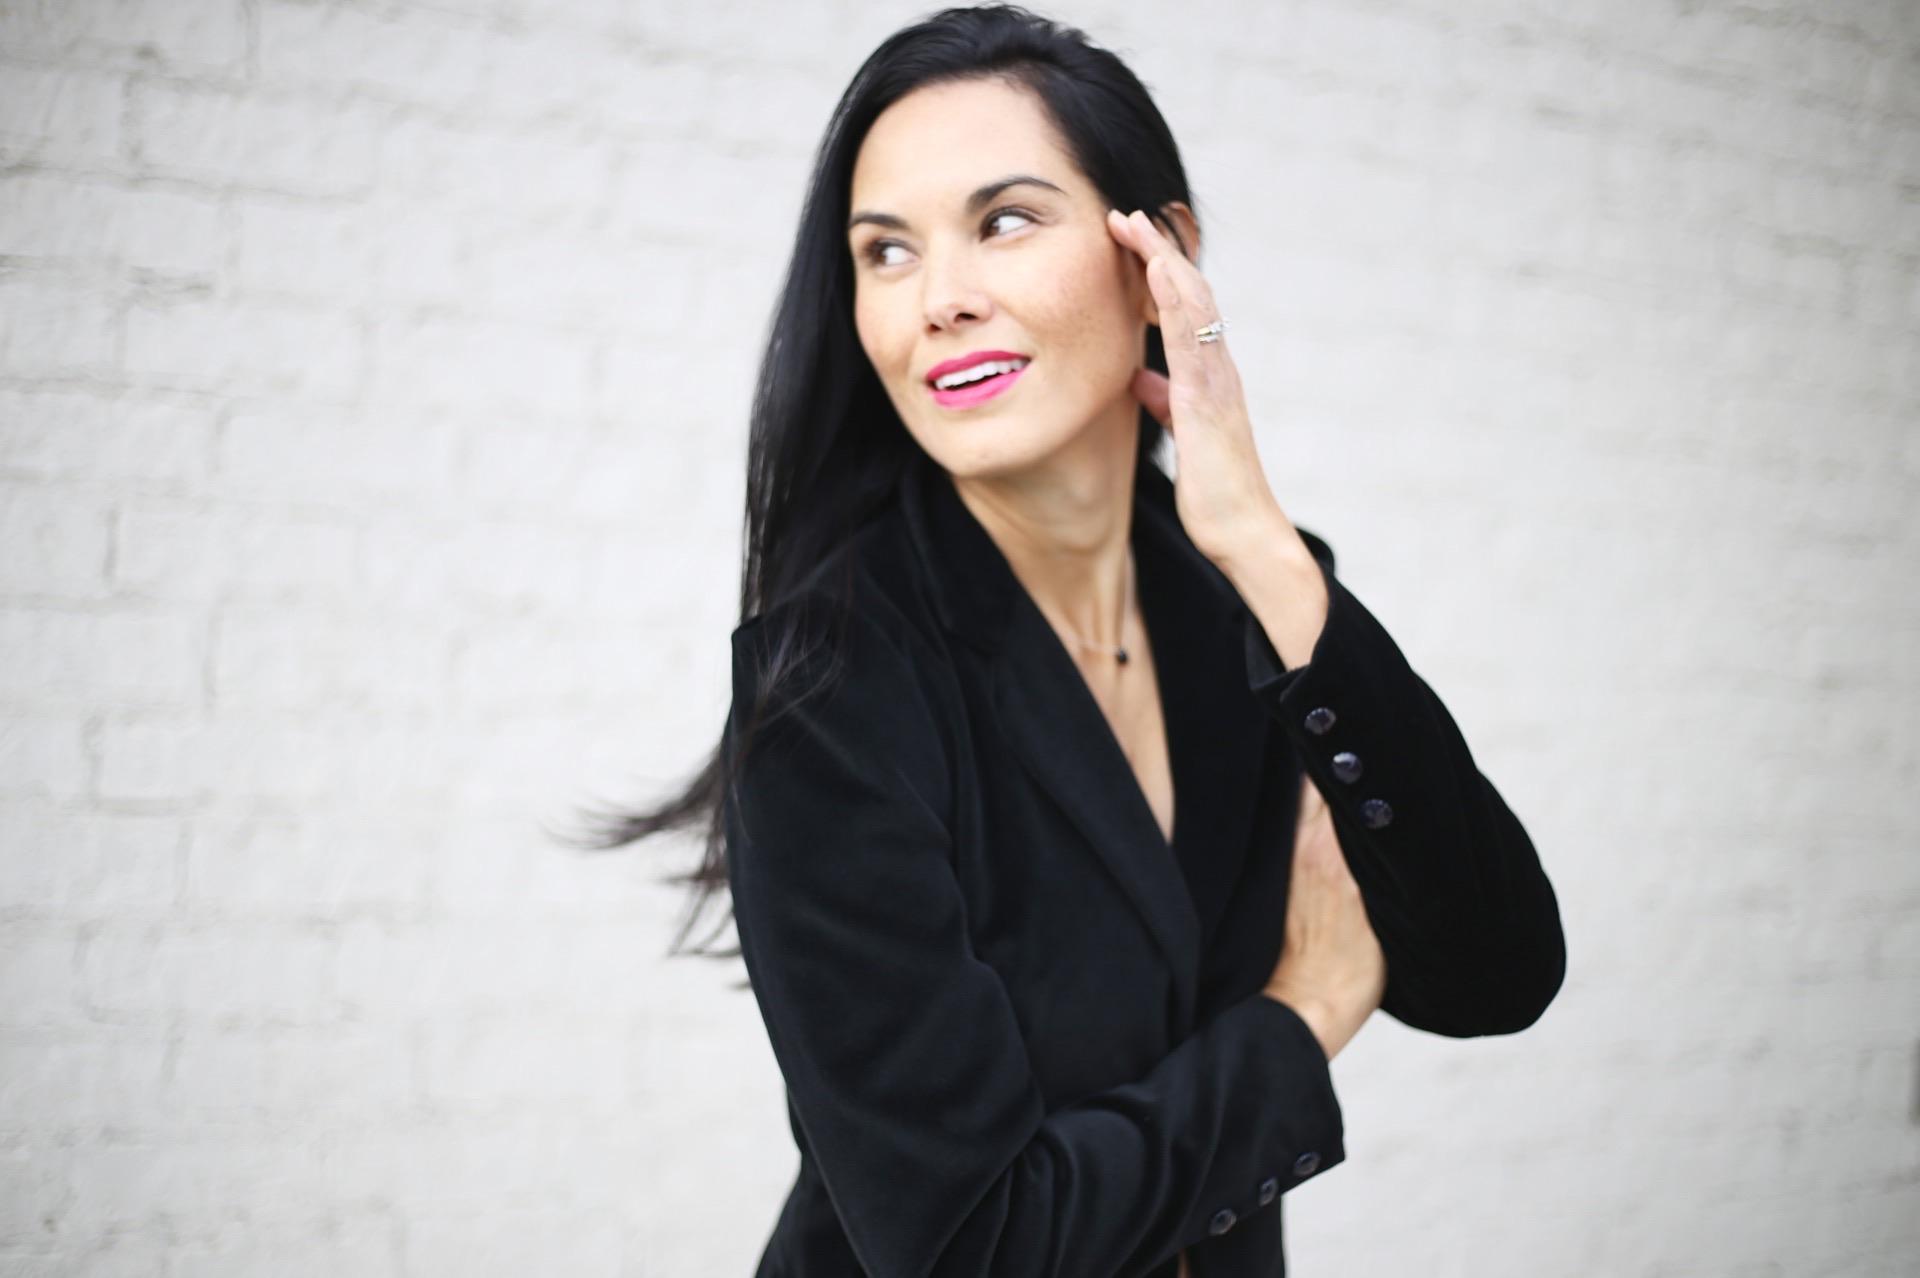 velvet blazer ( similar )   Nars  lipstick    photo by Sydney Clawson  